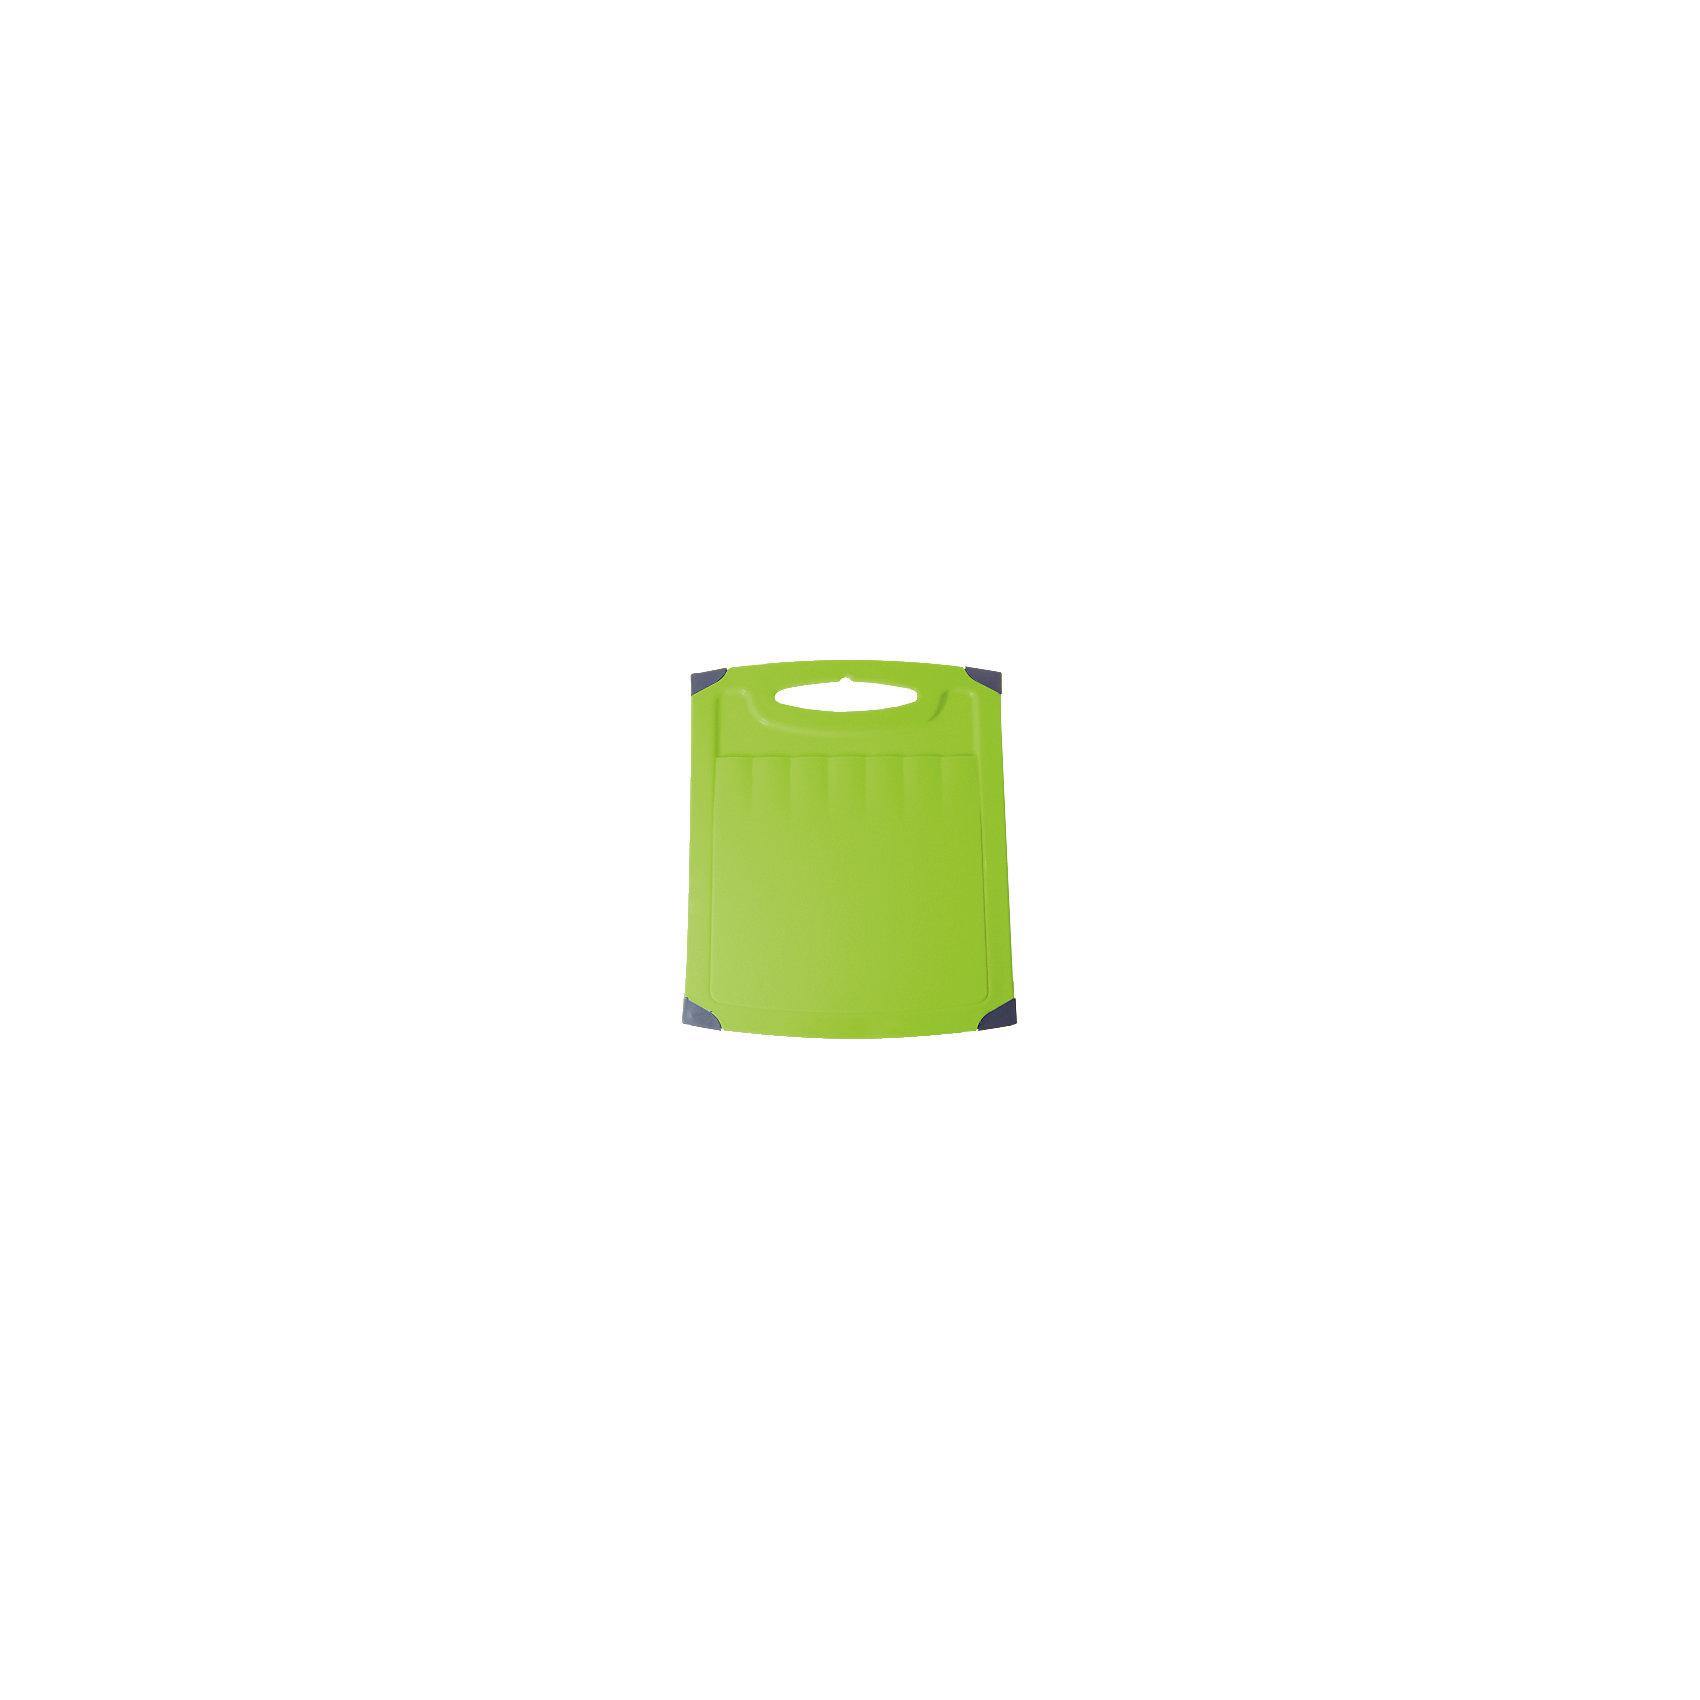 Доска разделочная Люкс №1, Plastic CentreКухонная утварь<br>Доска разделочная Люкс №1, Plastic Centre<br><br>Характеристики:<br><br>• Цвет: зеленый<br>• Материал: пластик<br>• В комплекте: 1 штука<br>• Размер: 26х23 см<br><br>Хорошие разделочные доски позволят вам легко навести порядок на вашей кухне и не отвлекаться на мелочи. Эта доска оснащена специальным желобком, который поможет слить стекающую воду, не потревожив продукты. Изготовлены они из высококачественного пищевого пластика, который безопасен  для здоровья. Доска устойчива к запахам и порезам от ножа. Стильный дизайн не оставит равнодушным никого.<br><br>Доска разделочная Люкс №1, Plastic Centre можно купить в нашем интернет-магазине.<br><br>Ширина мм: 260<br>Глубина мм: 230<br>Высота мм: 6<br>Вес г: 260<br>Возраст от месяцев: 216<br>Возраст до месяцев: 1188<br>Пол: Унисекс<br>Возраст: Детский<br>SKU: 5545677